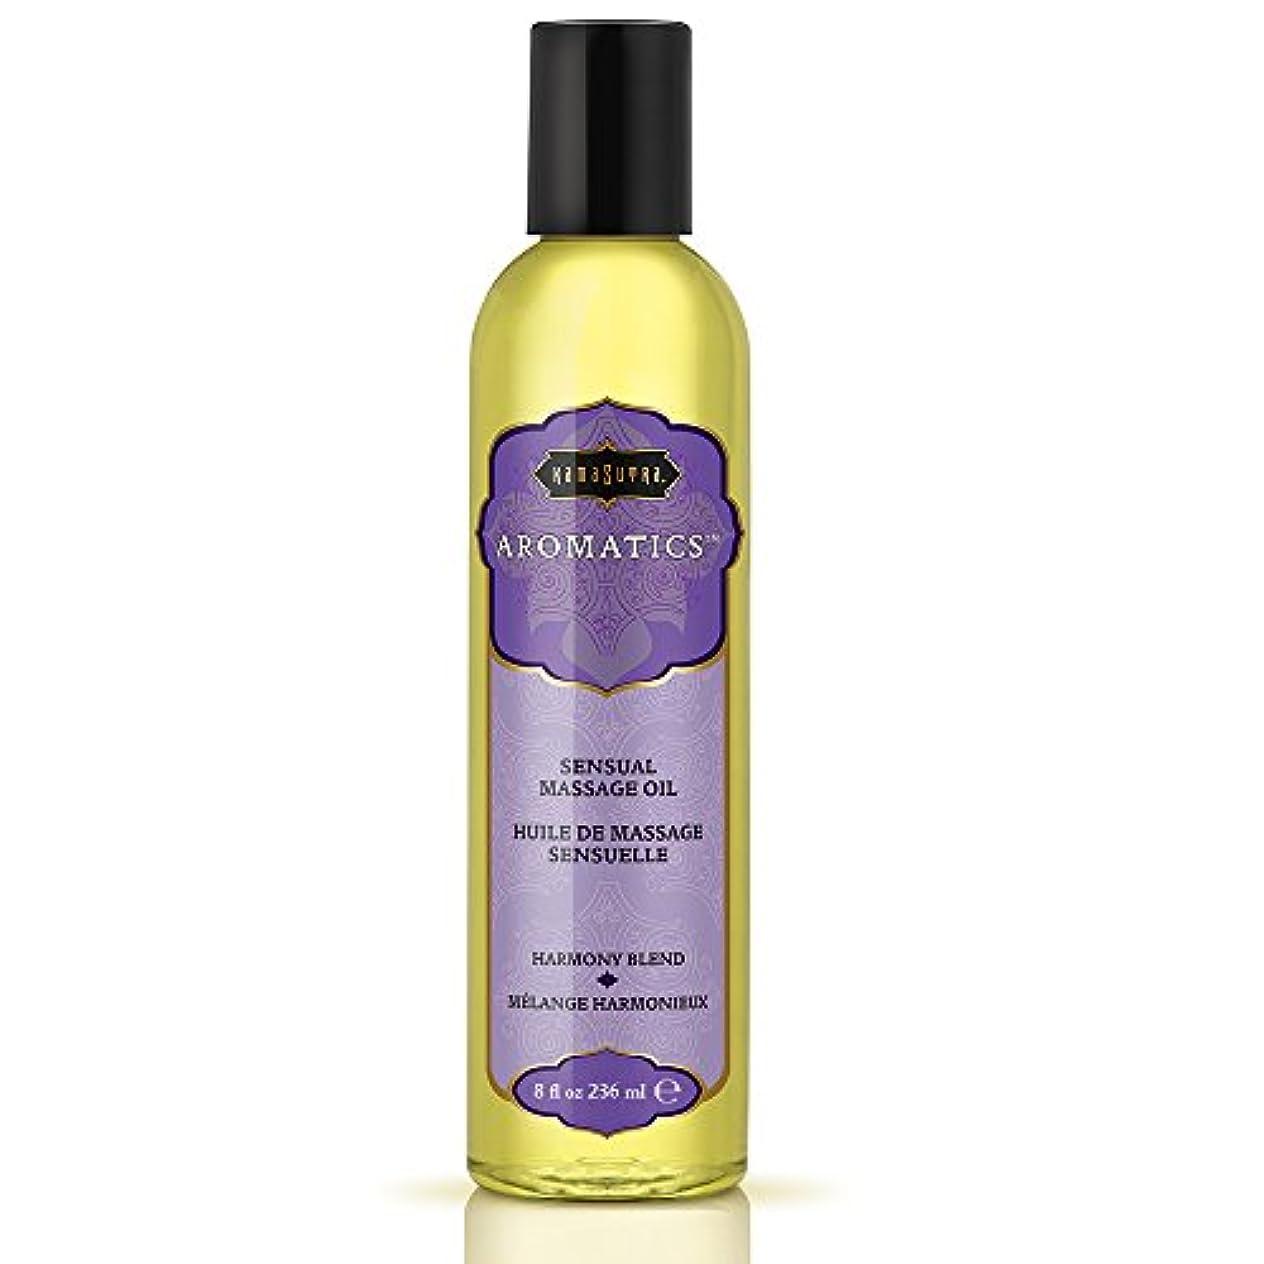 ふざけたスチュワード他にAromatic Massage Oil Harmony Blend 8oz by Kama Sutra